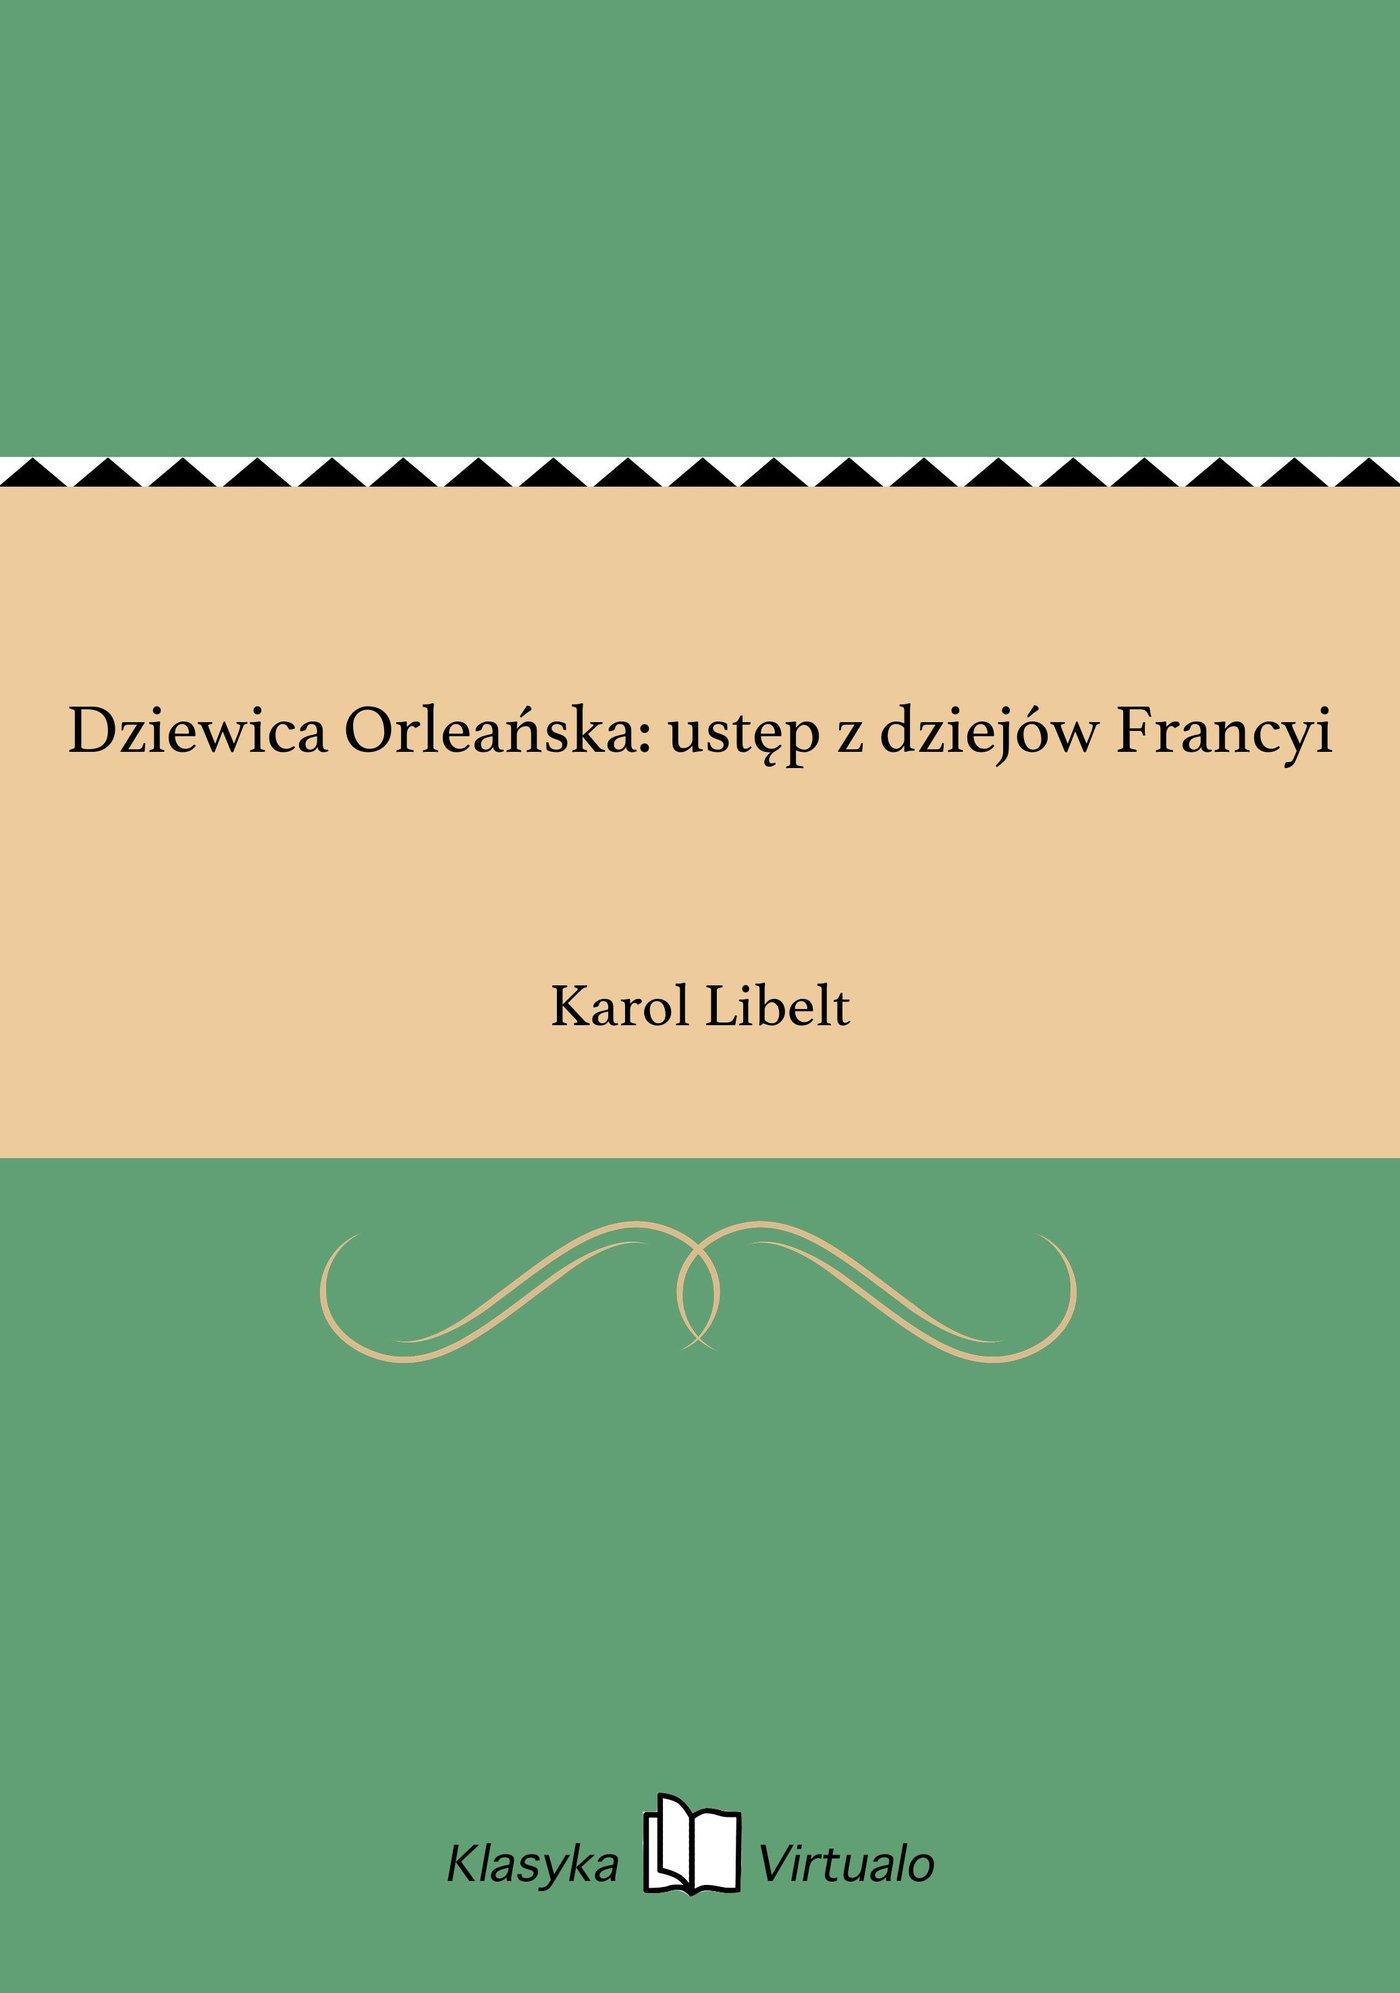 Dziewica Orleańska: ustęp z dziejów Francyi - Ebook (Książka EPUB) do pobrania w formacie EPUB